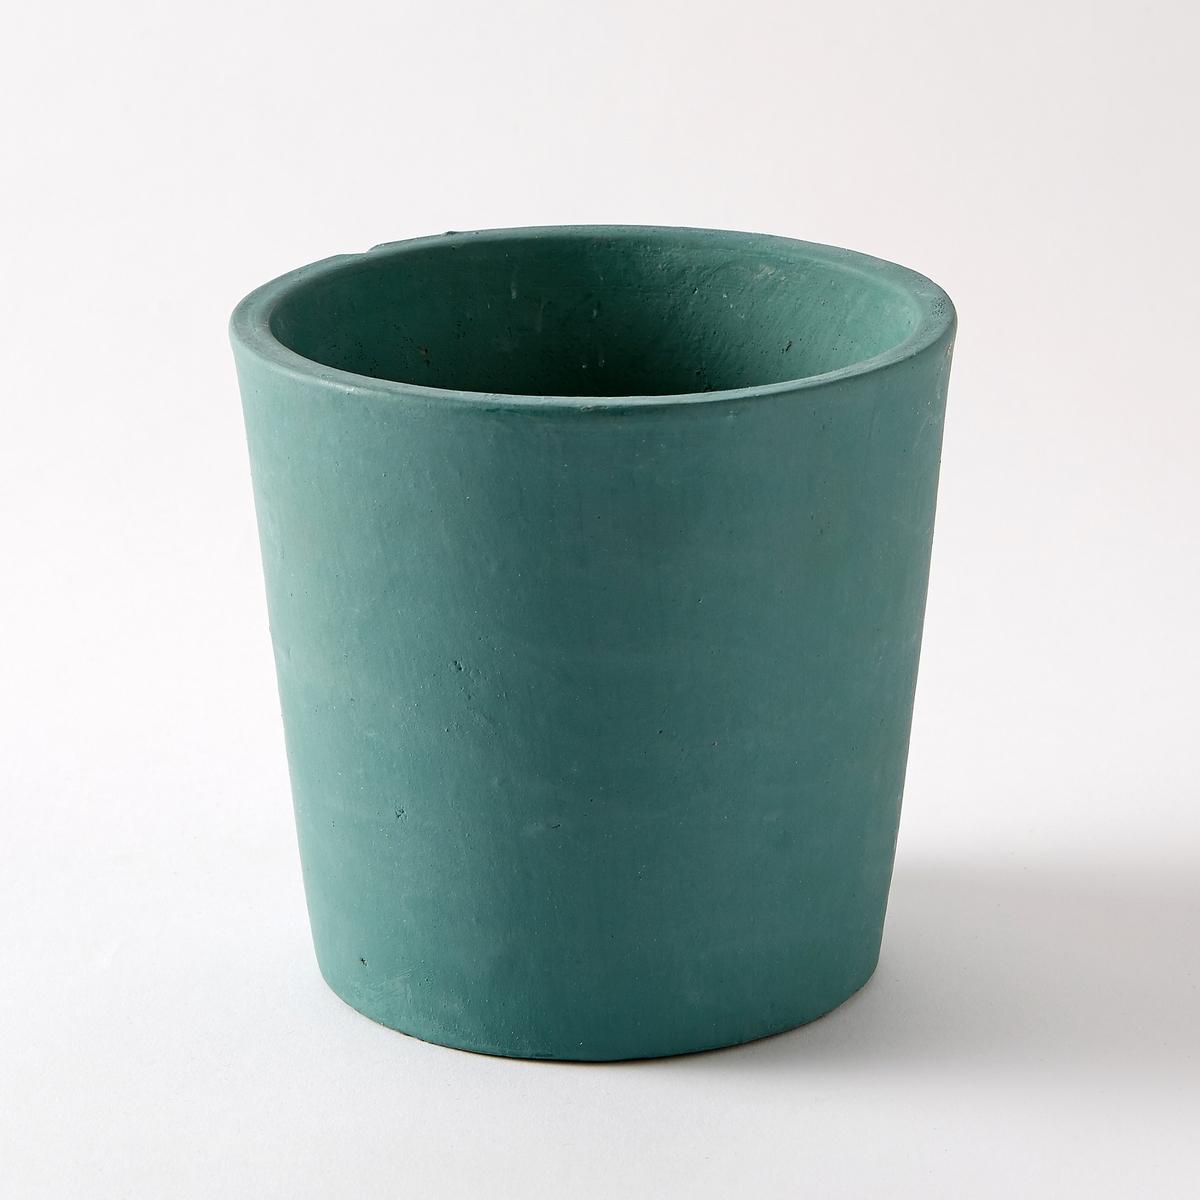 Кашпо CarnarОписание кашпо Carnar:Цилиндрическая форма.Характеристики кашпо Carnar:Цветная неглазурованная керамика, матовая поверхность.4 расцветки (серо-зеленый/изумрудный/терракотовый/розовая пудра).Другие оригинальные предметы декора - на сайте laredoute.ru. Размеры кашпо Carnar:14 x 14 x В13 см, 0,88 кг.Размеры и вес упаковки: 1 упаковка.18 x 18 x В17 см, 1,2 кг.<br><br>Цвет: серо-зеленый